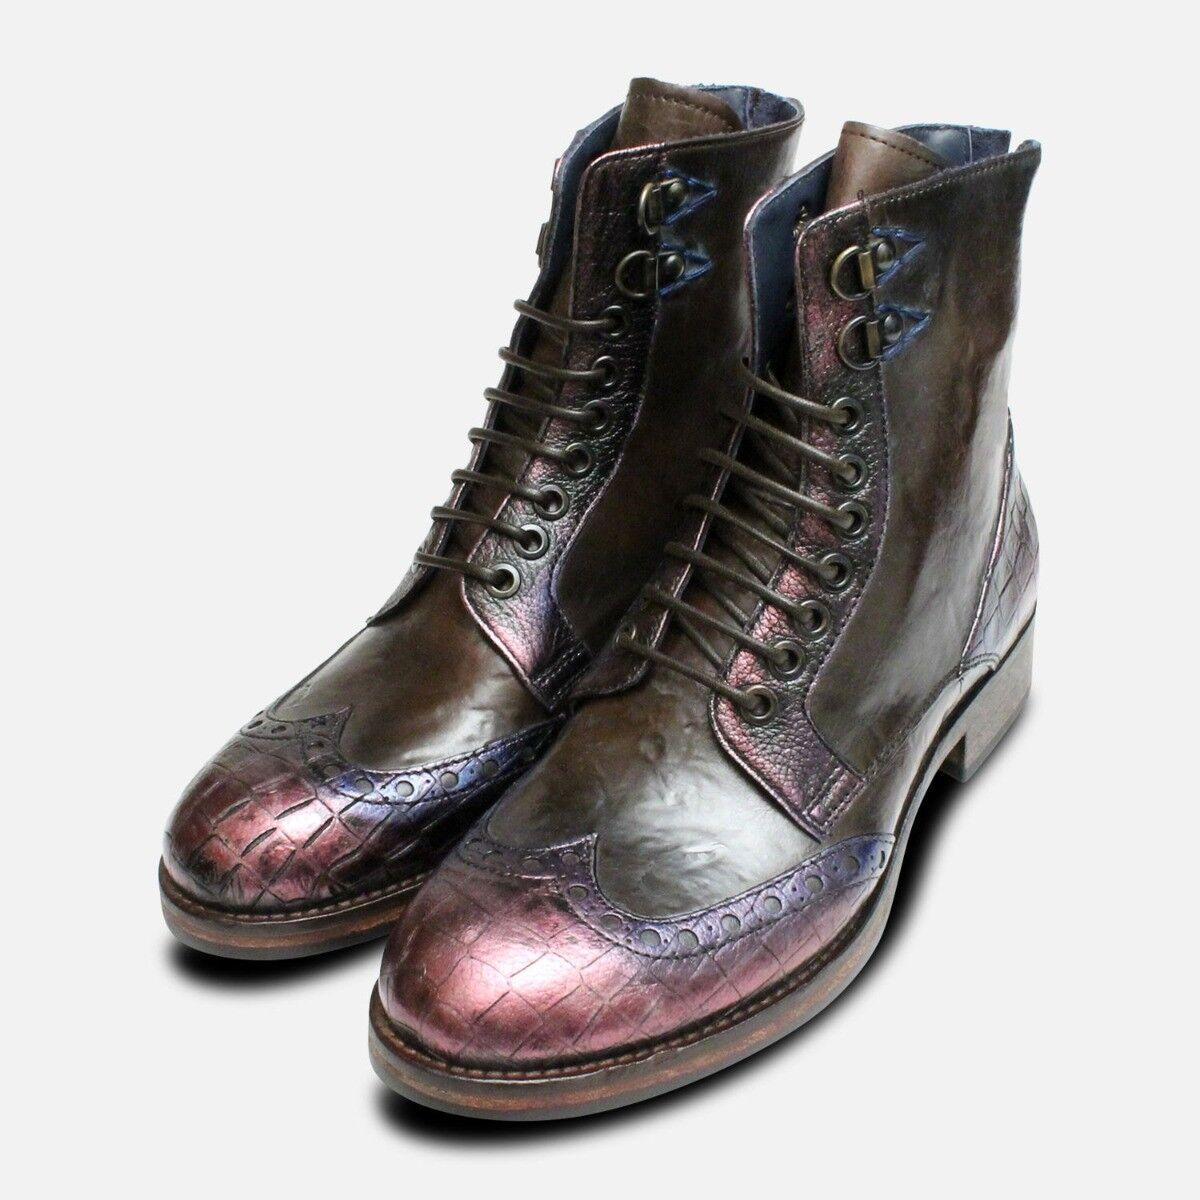 Metálico morado morado morado & Dark marrón botas italianas Diseñador  marcas en línea venta barata